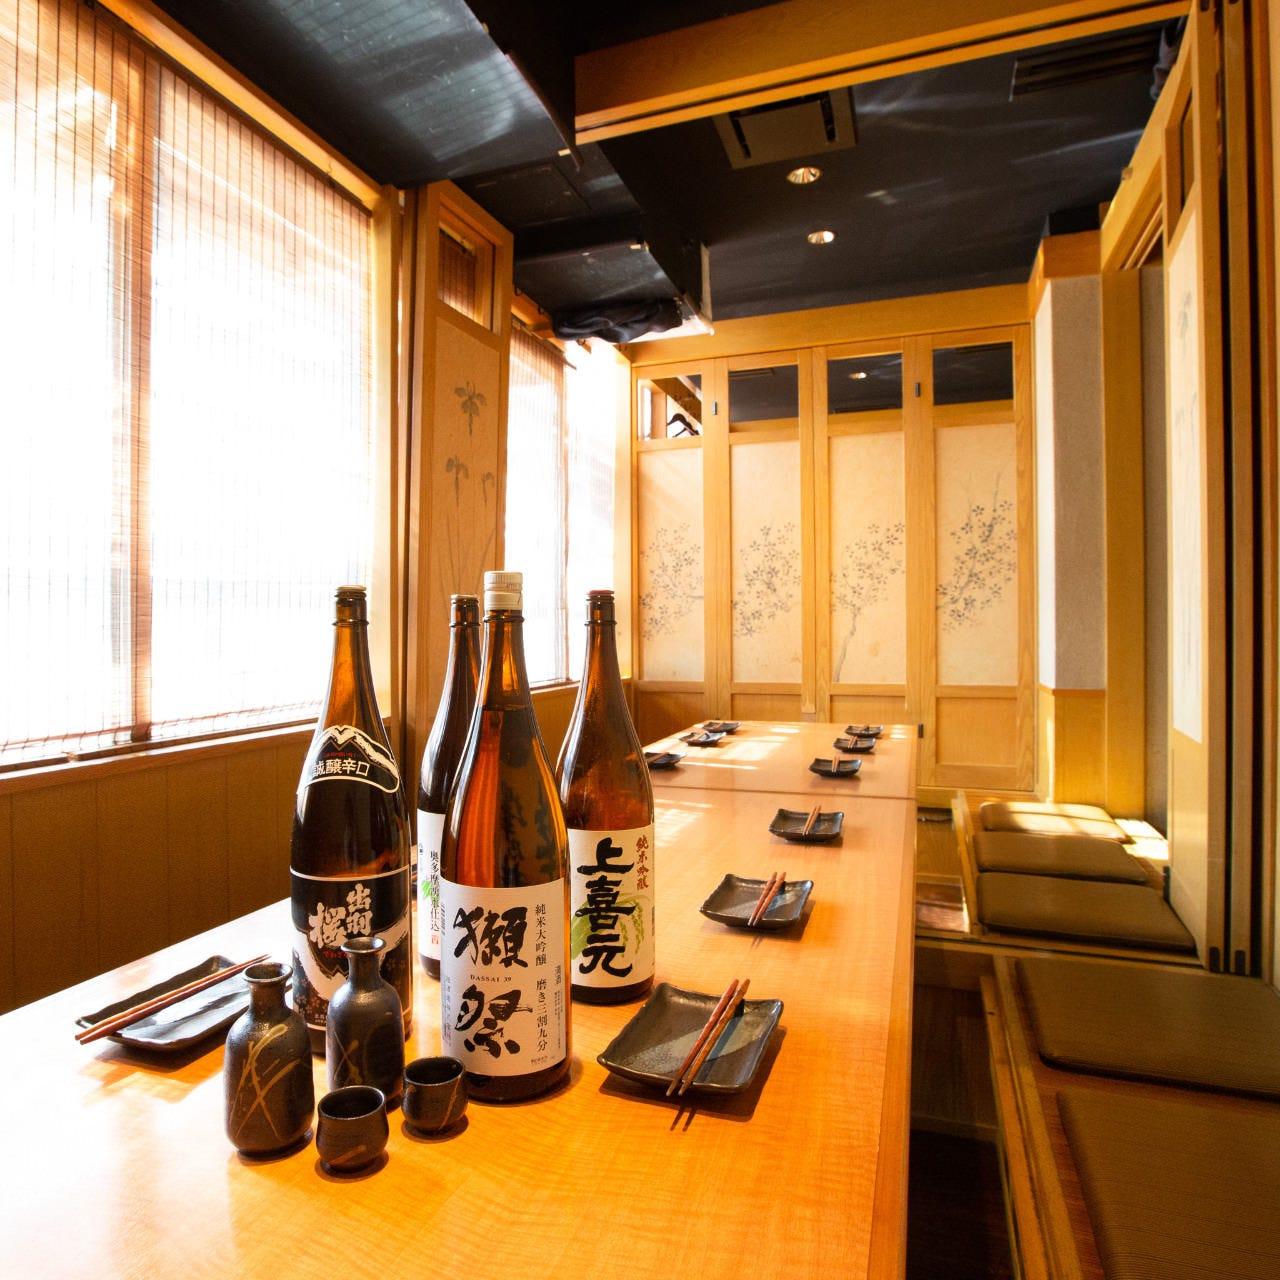 全席完全個室居酒屋 武士乃酒盛 静岡駅前店